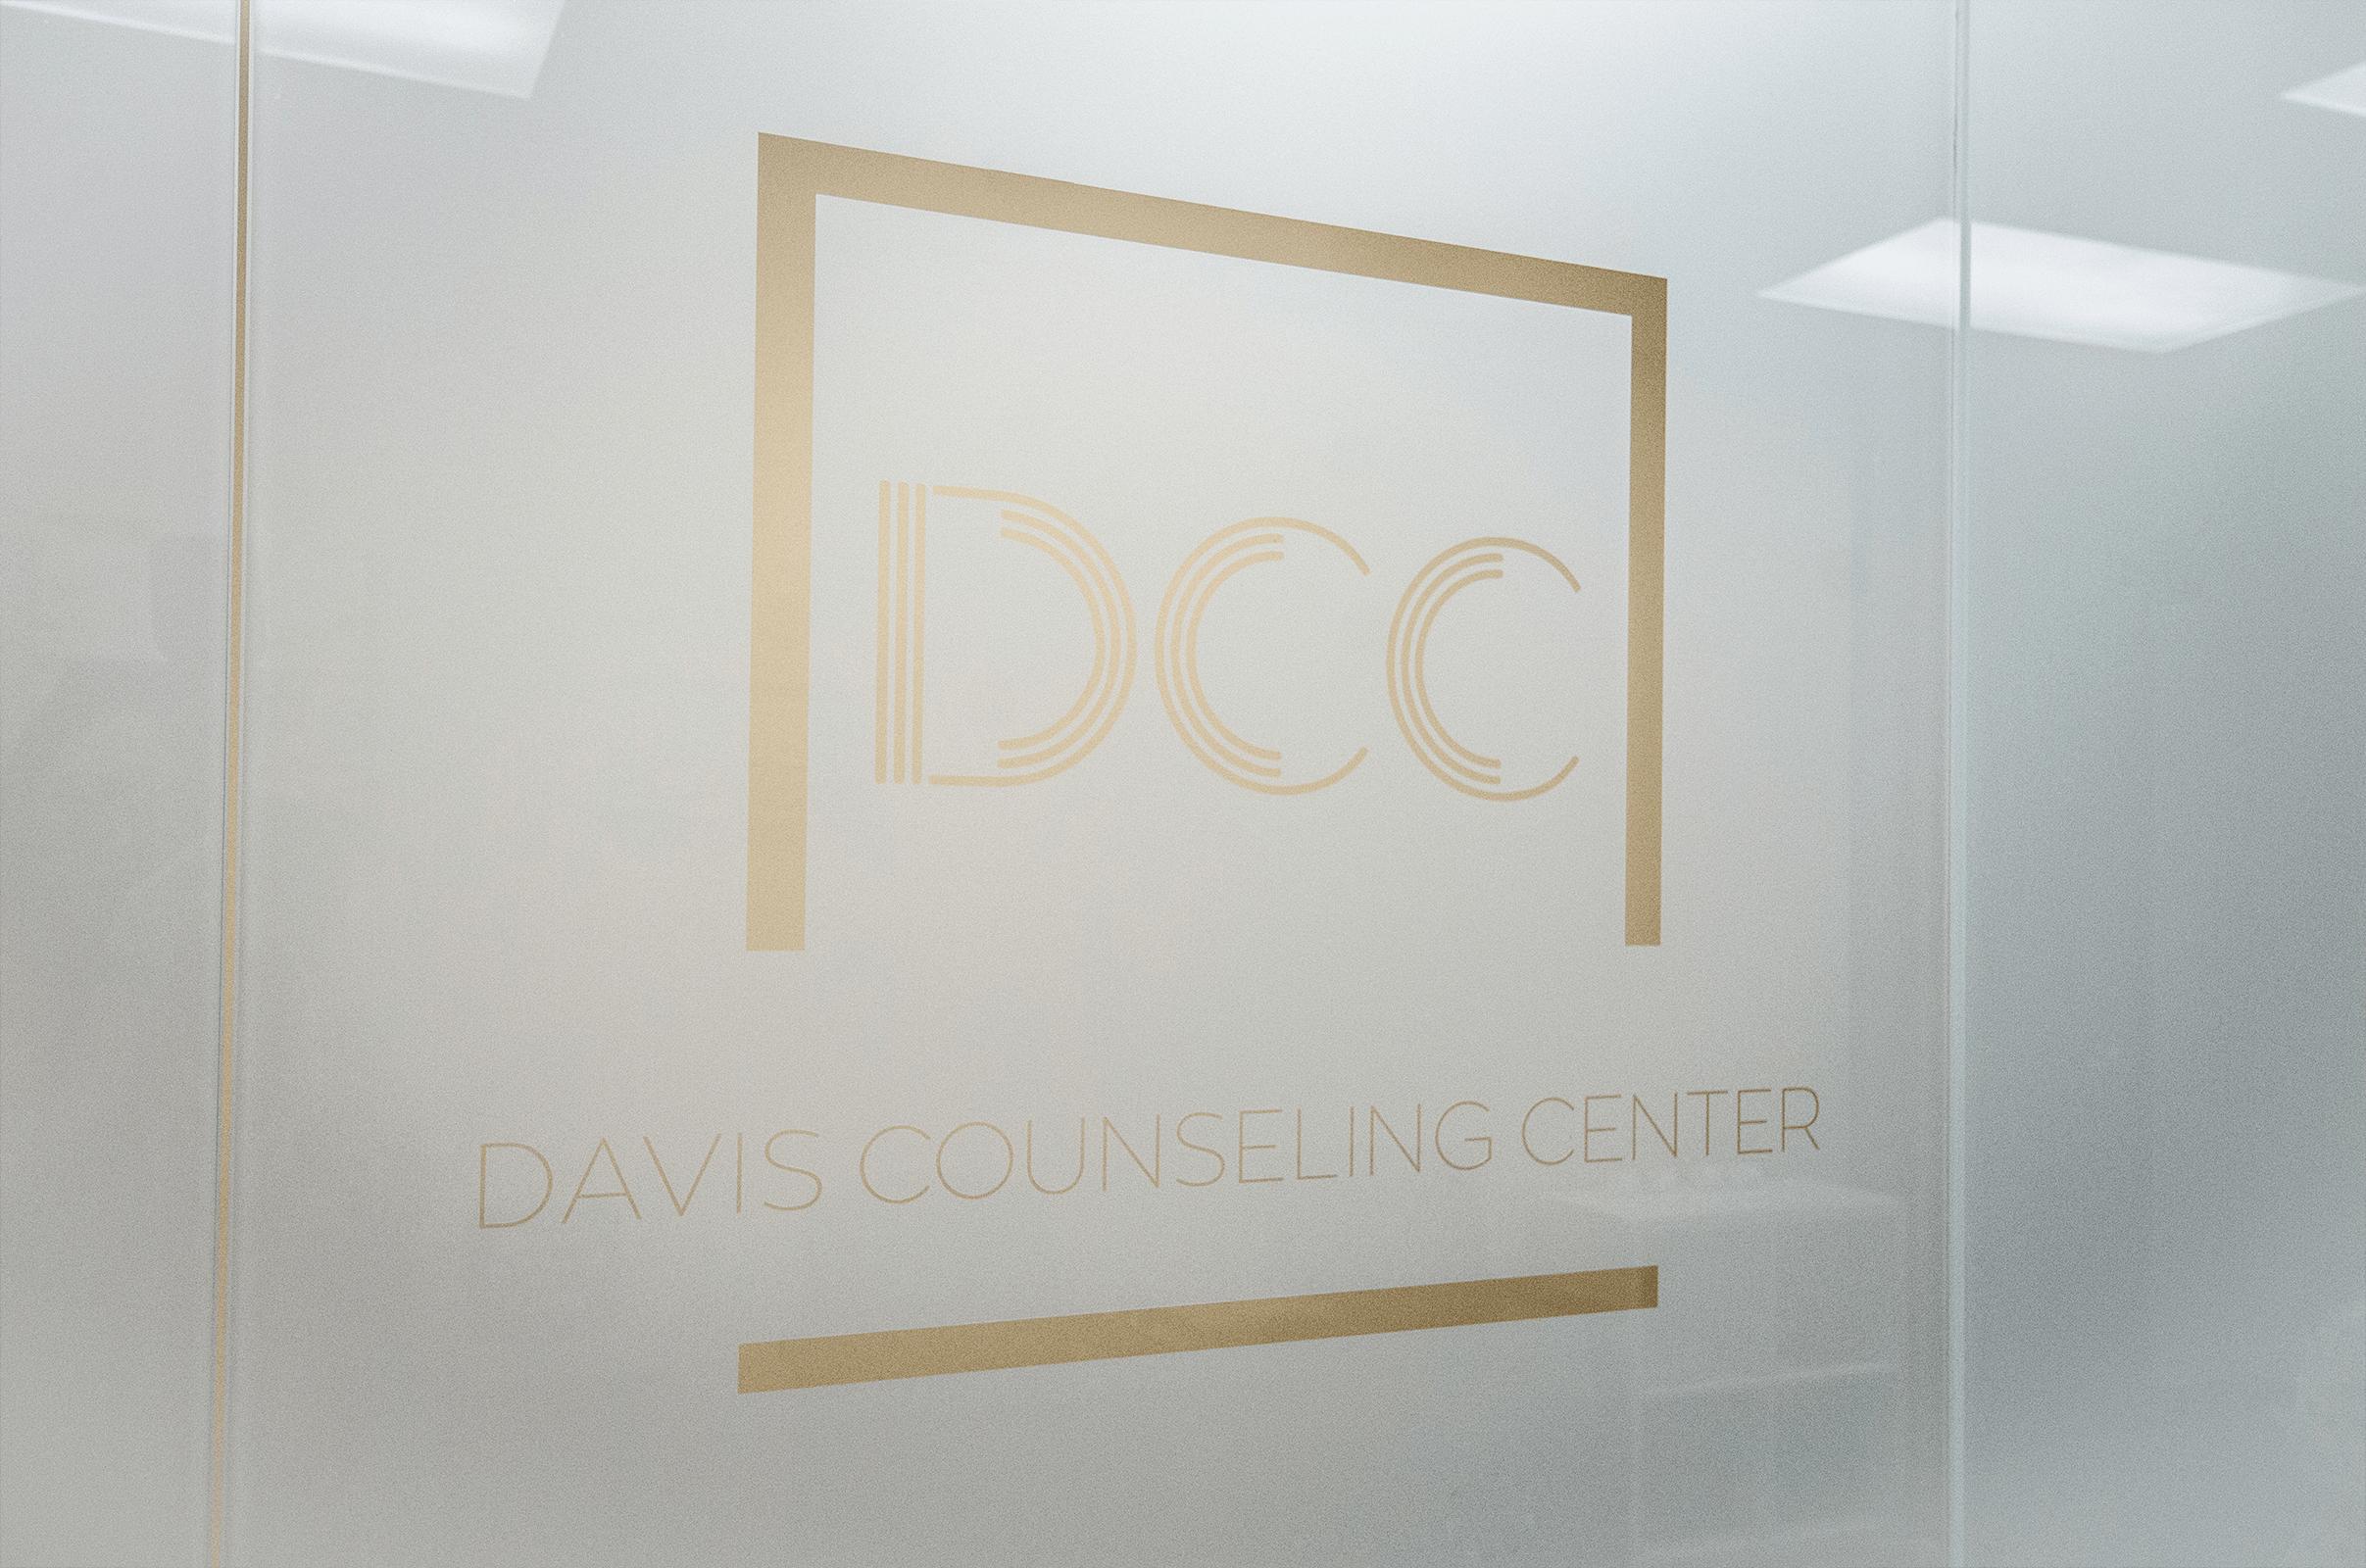 DCC Window logo